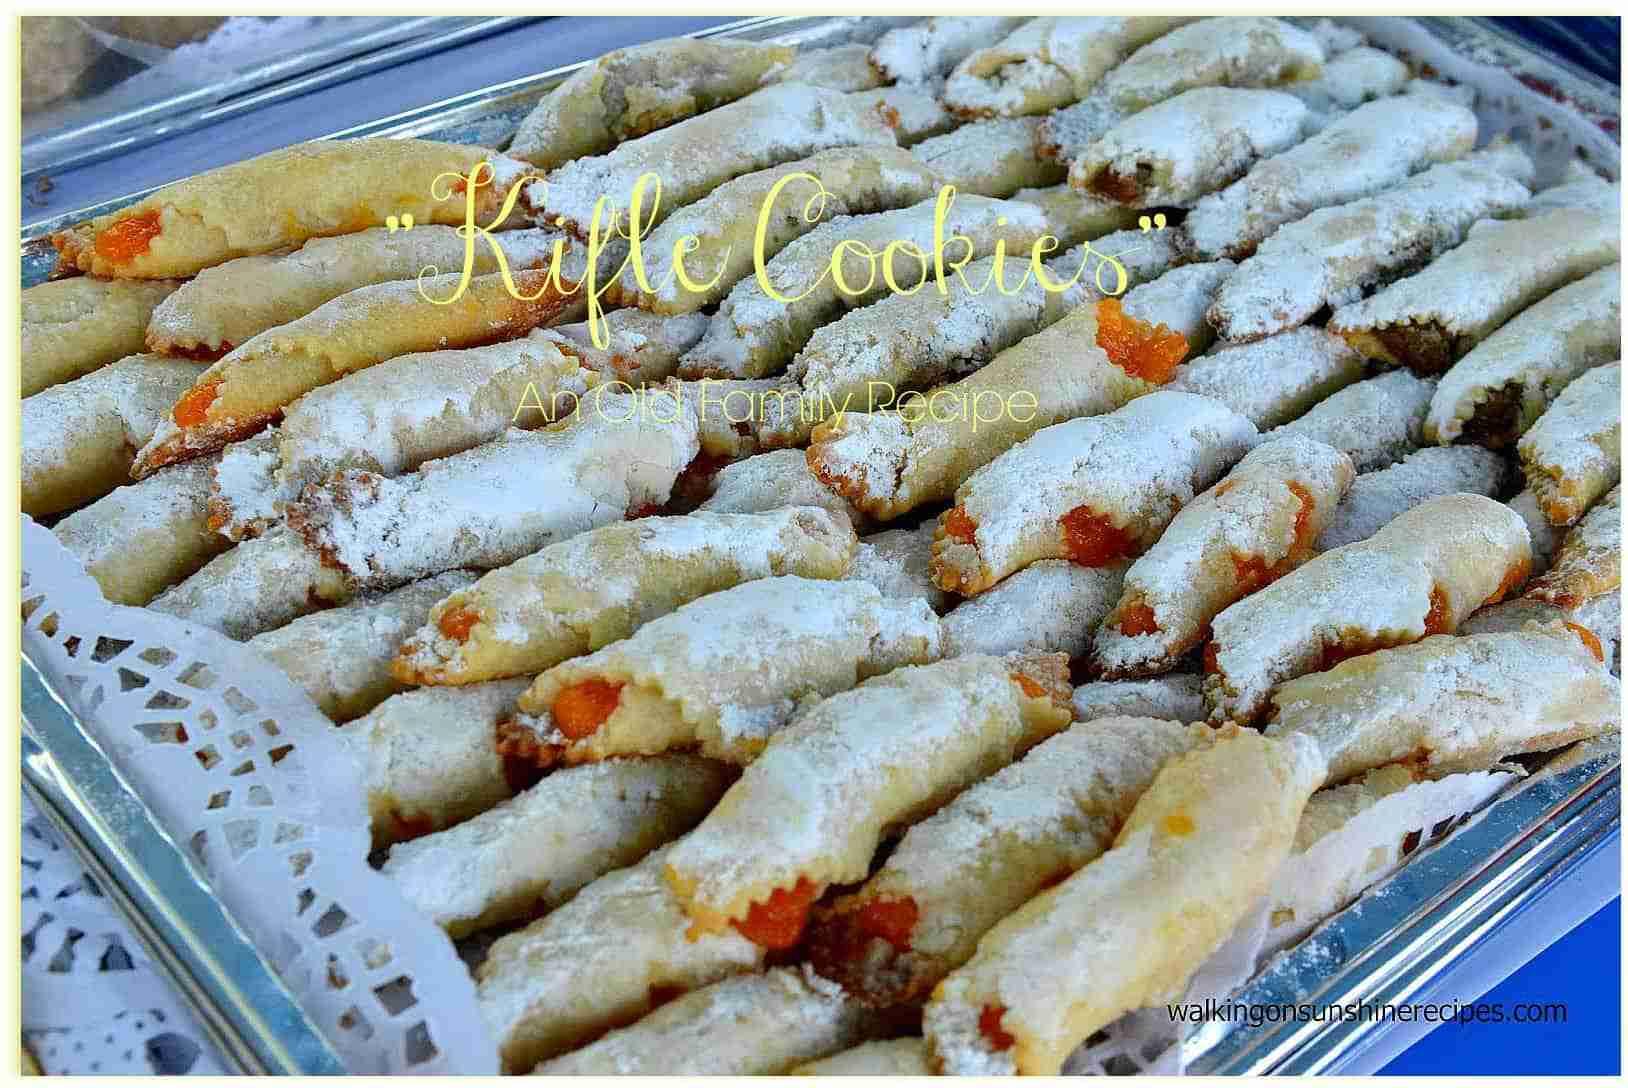 Kifle Cookies WOS